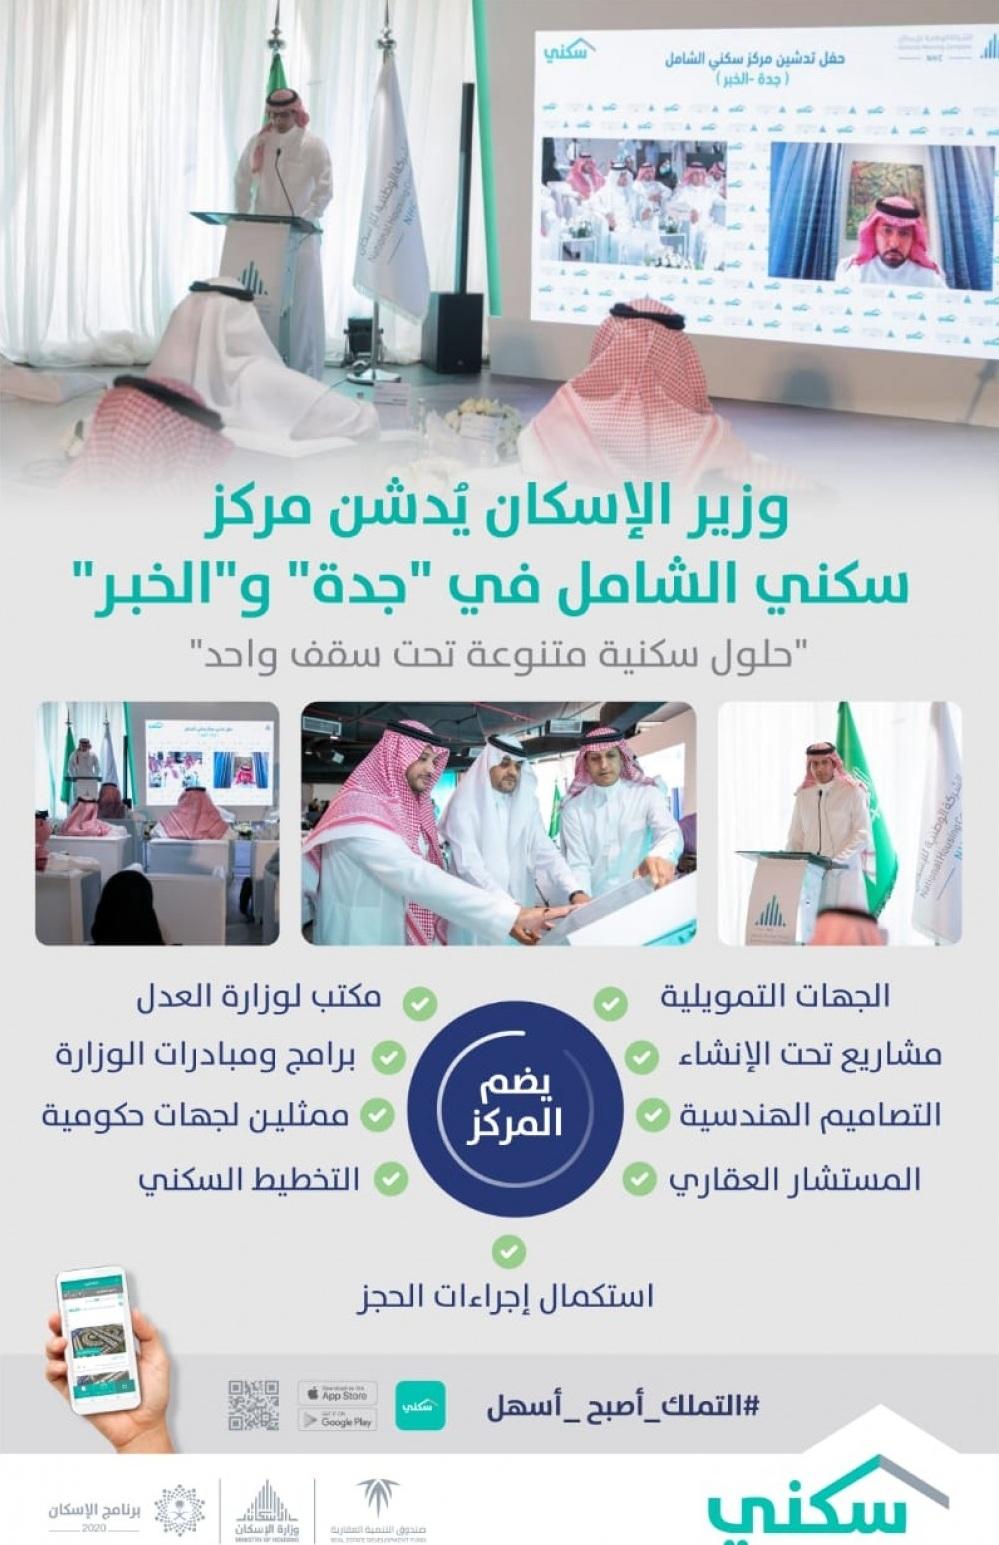 وزير الإسكان يدشن مركز سكني في جدة - أرض سكنية